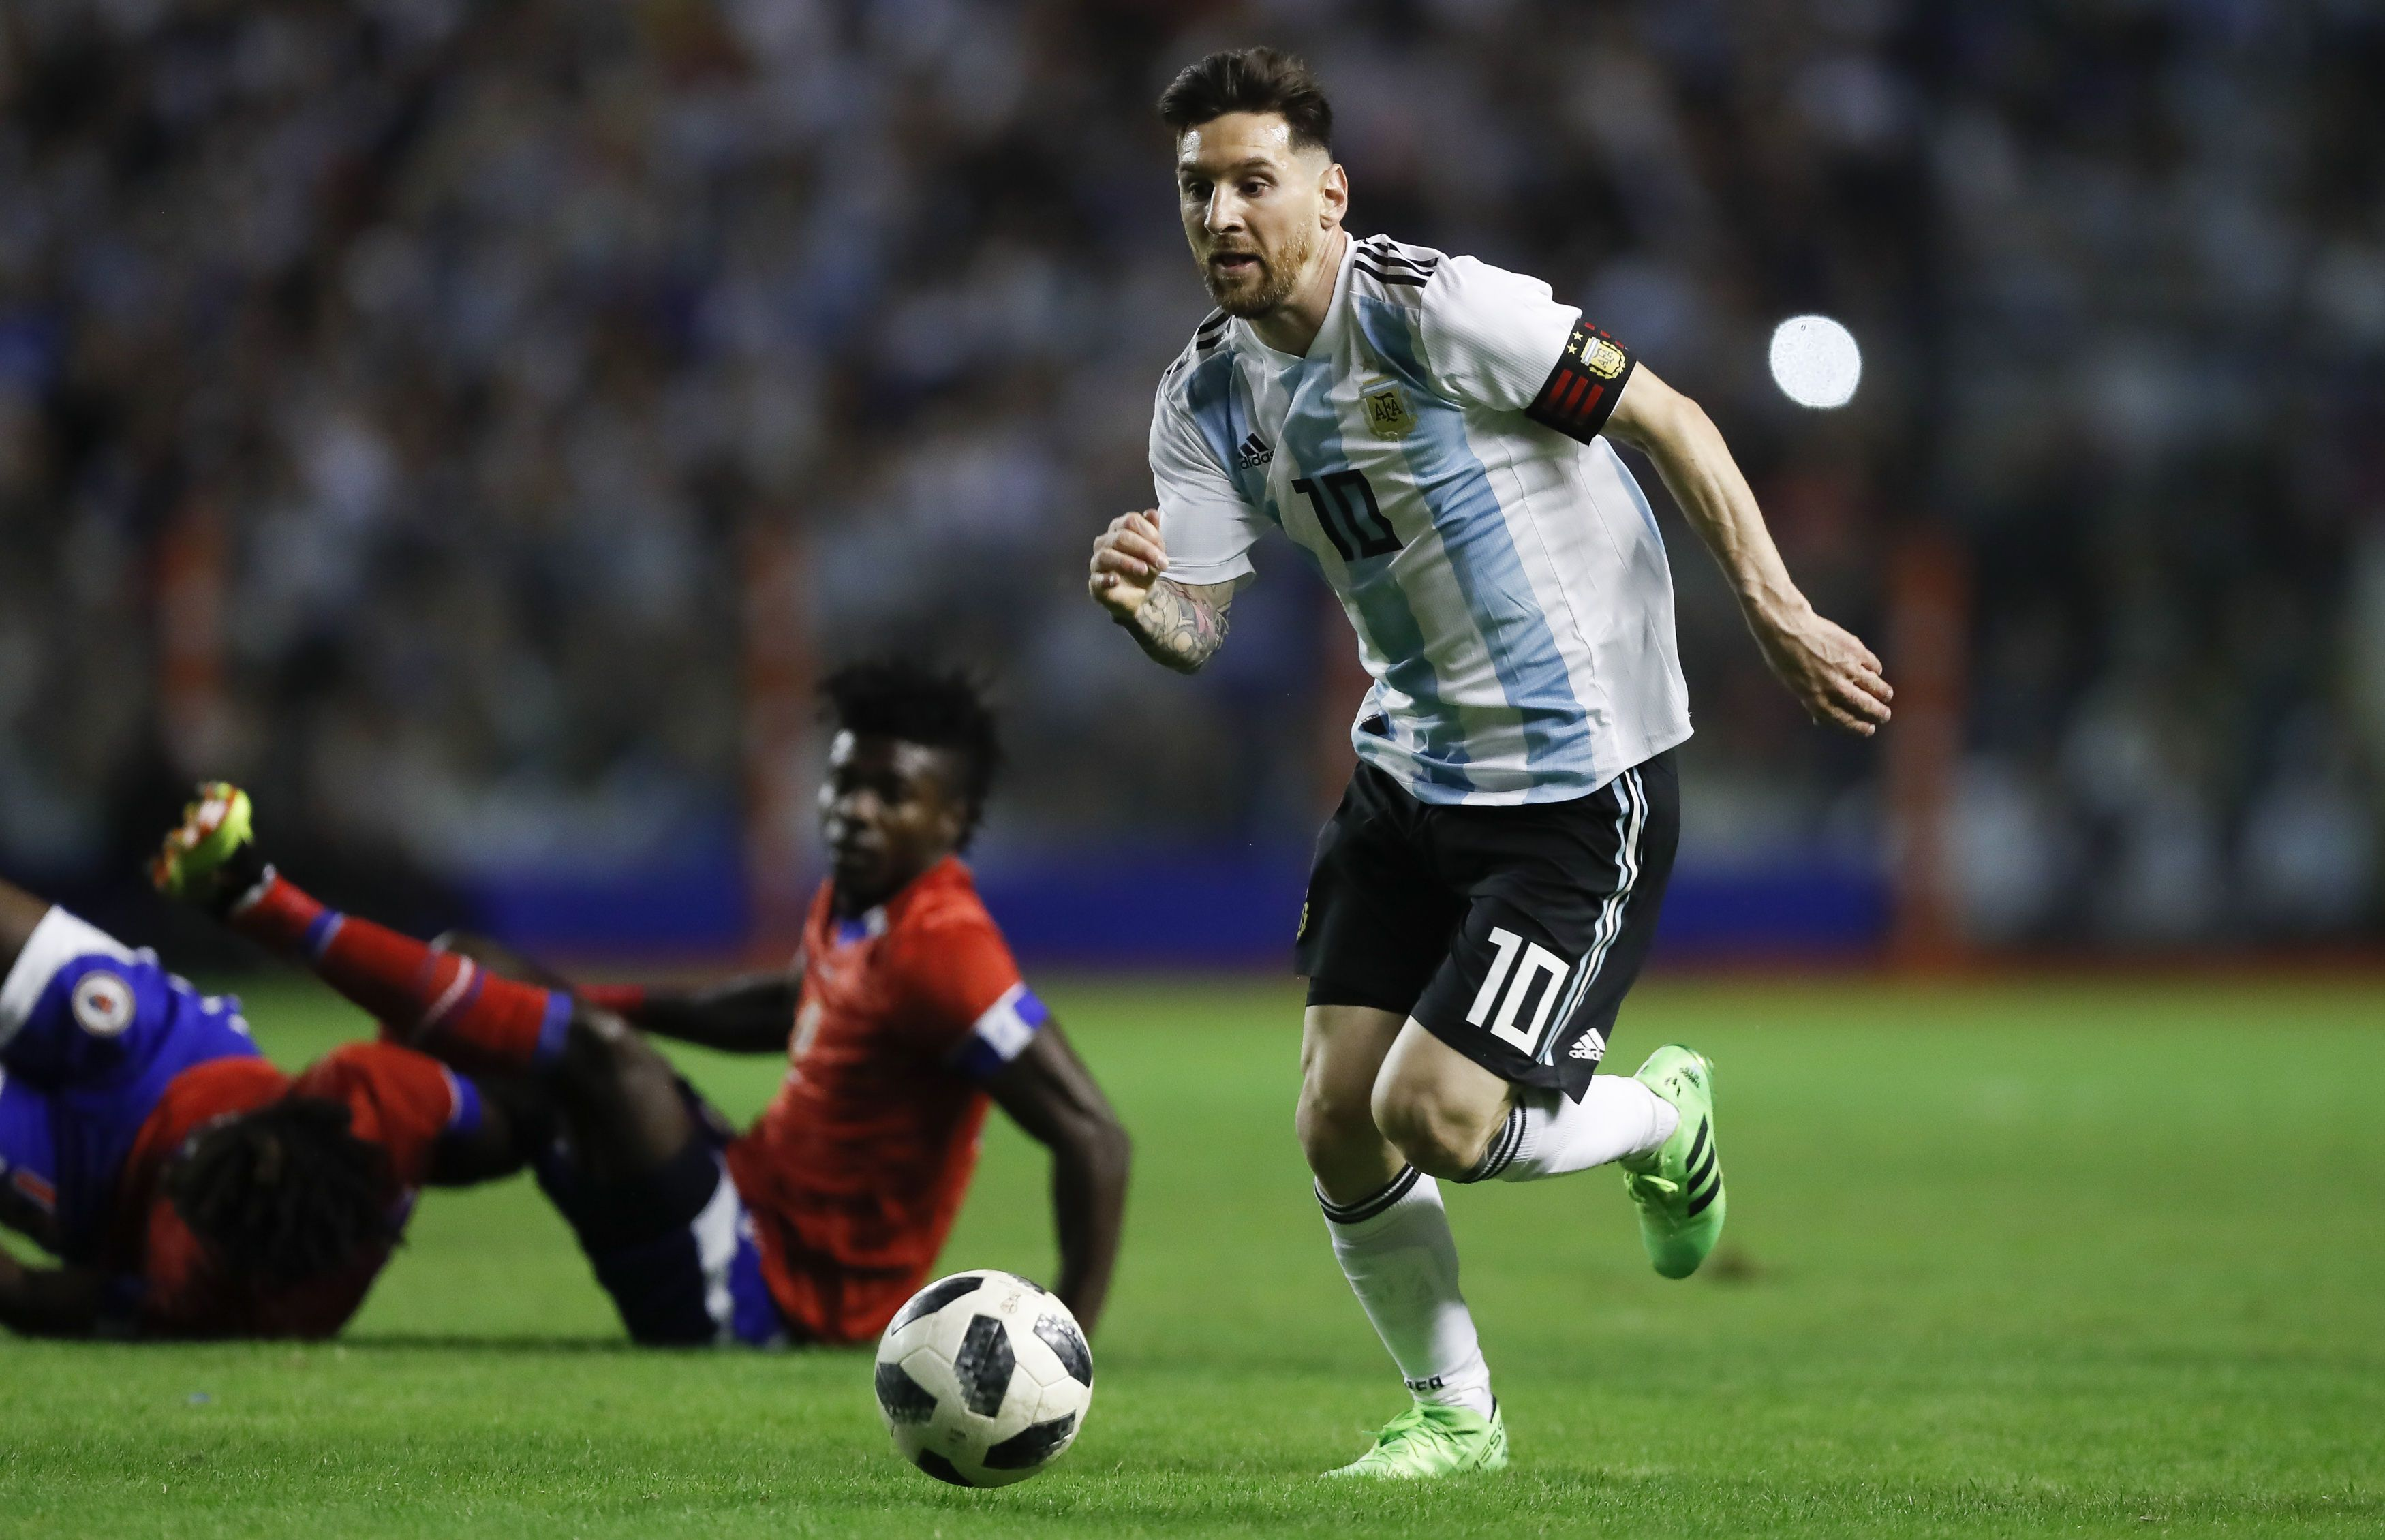 El amistoso en Israel, ¿en peligro? Piden a la Selección y a Messi que no lo jueguen